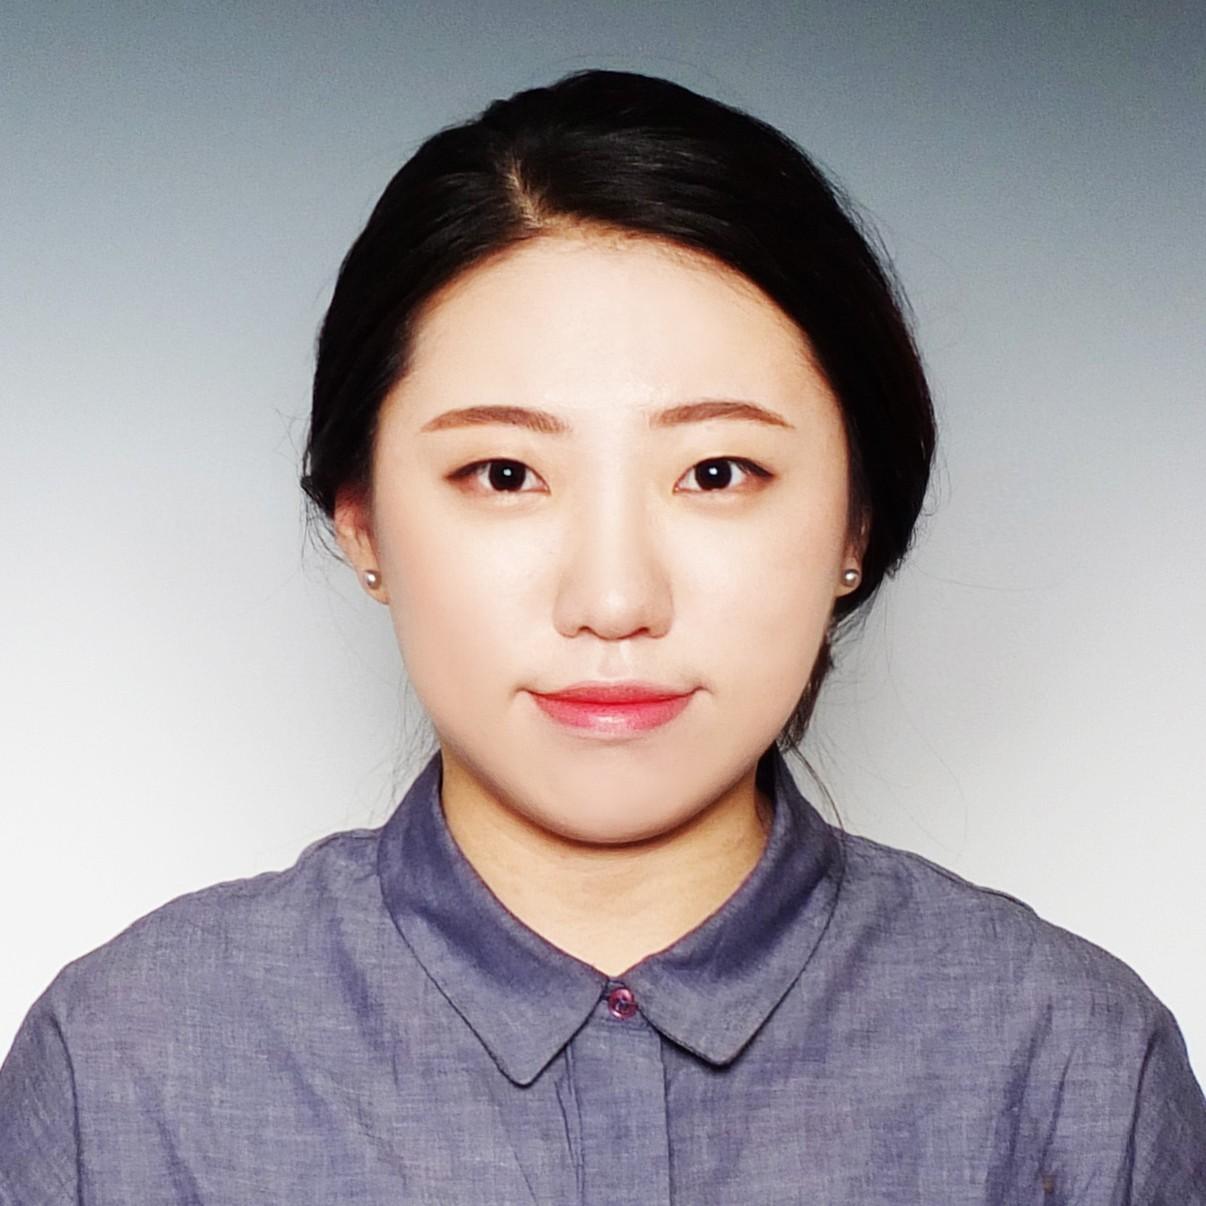 정재영 프로필 사진